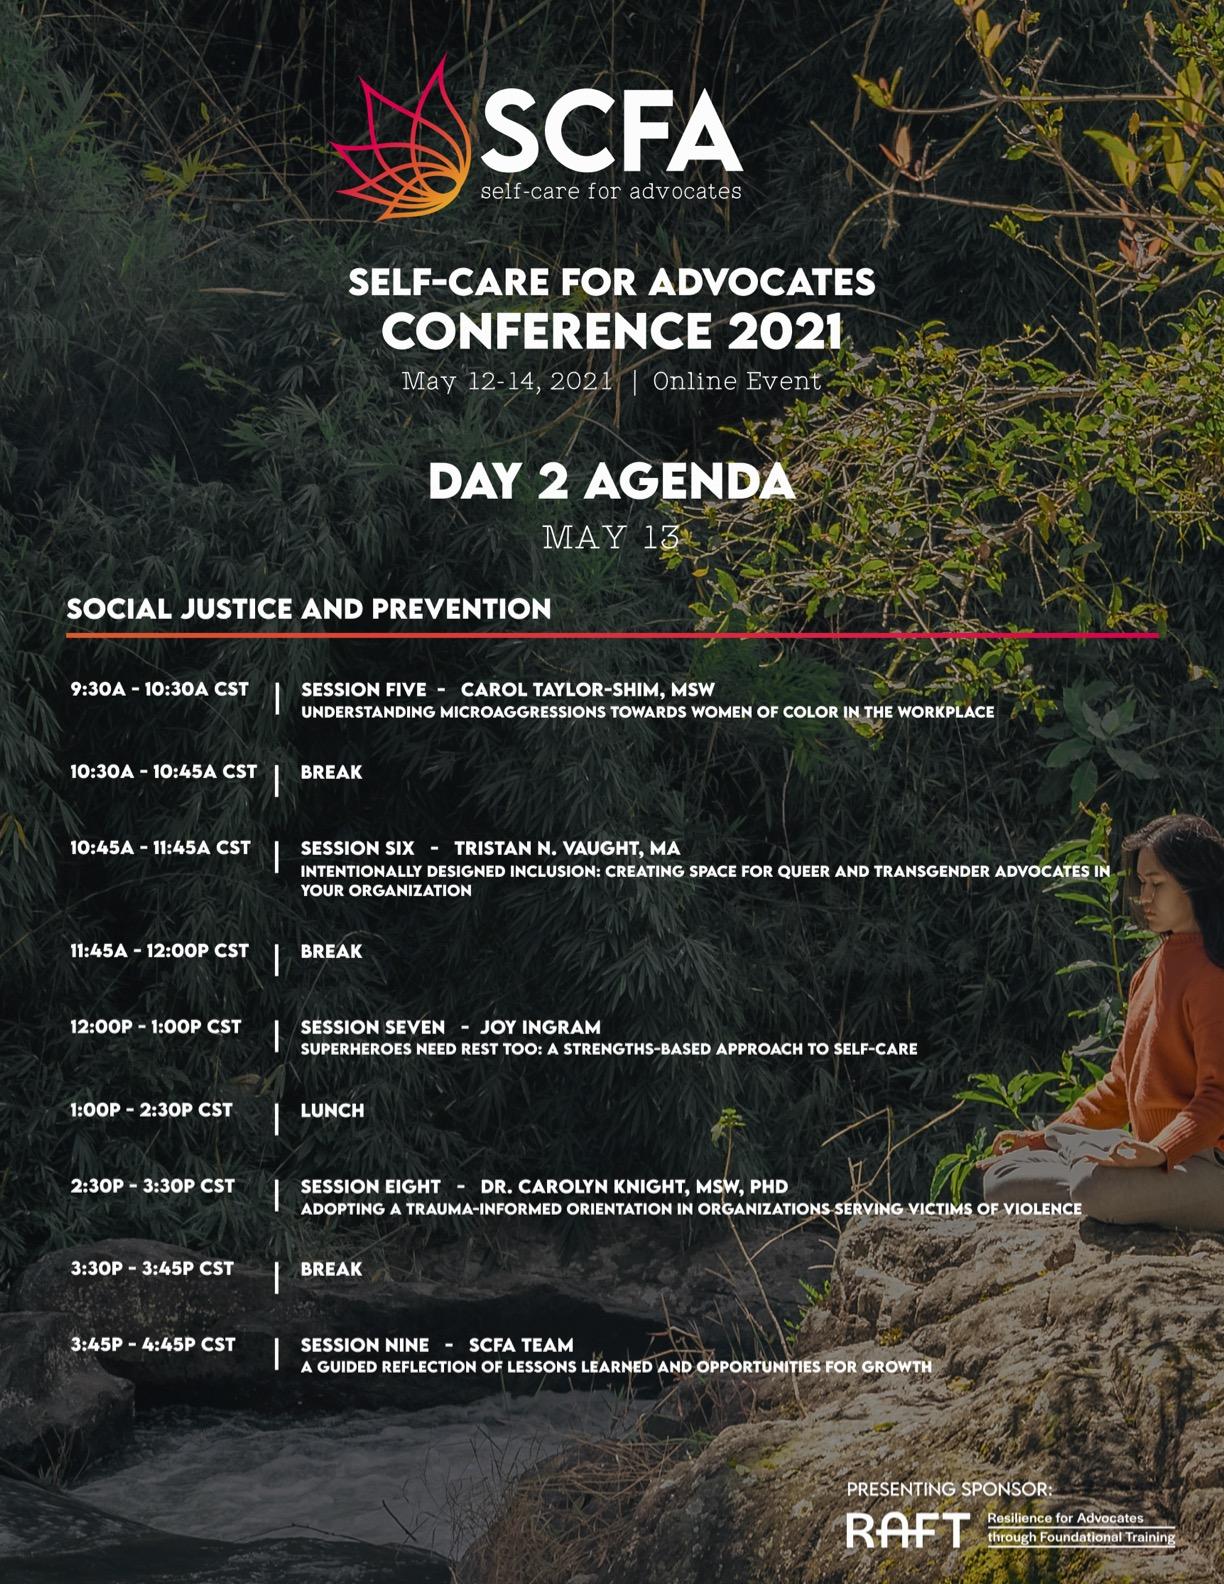 SCFA Con Agenda Day 2